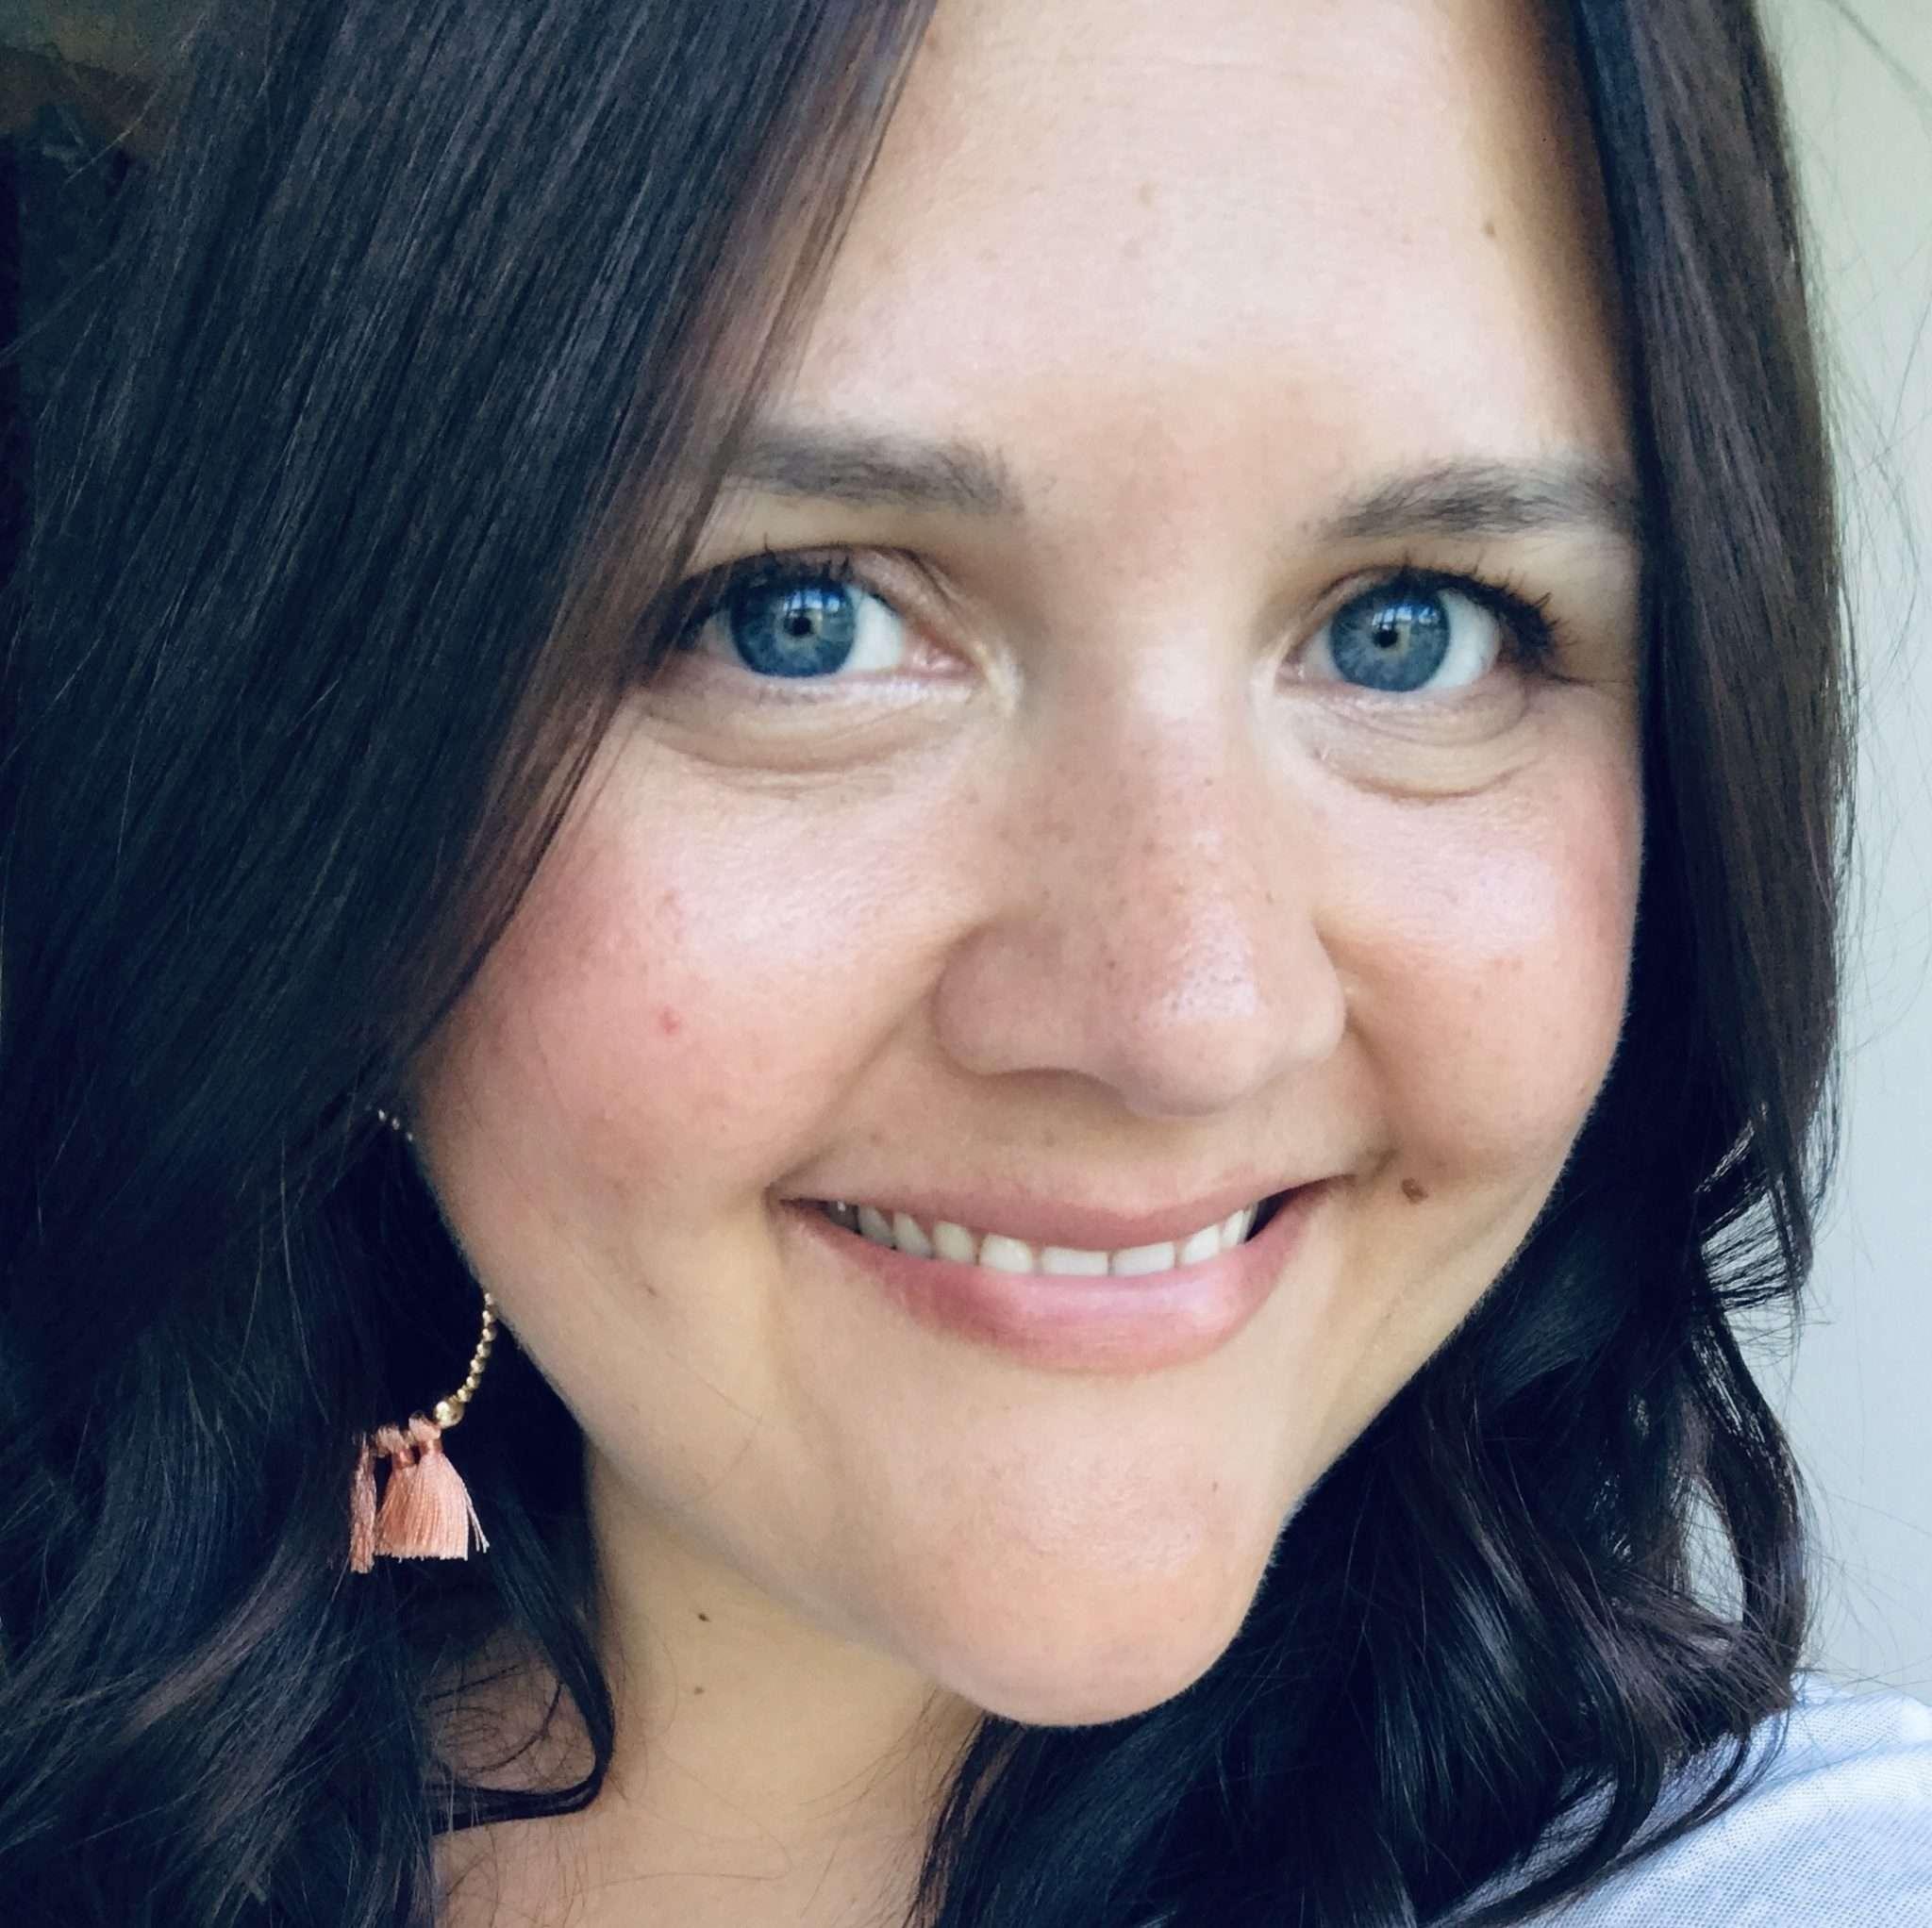 Claire Lotriet